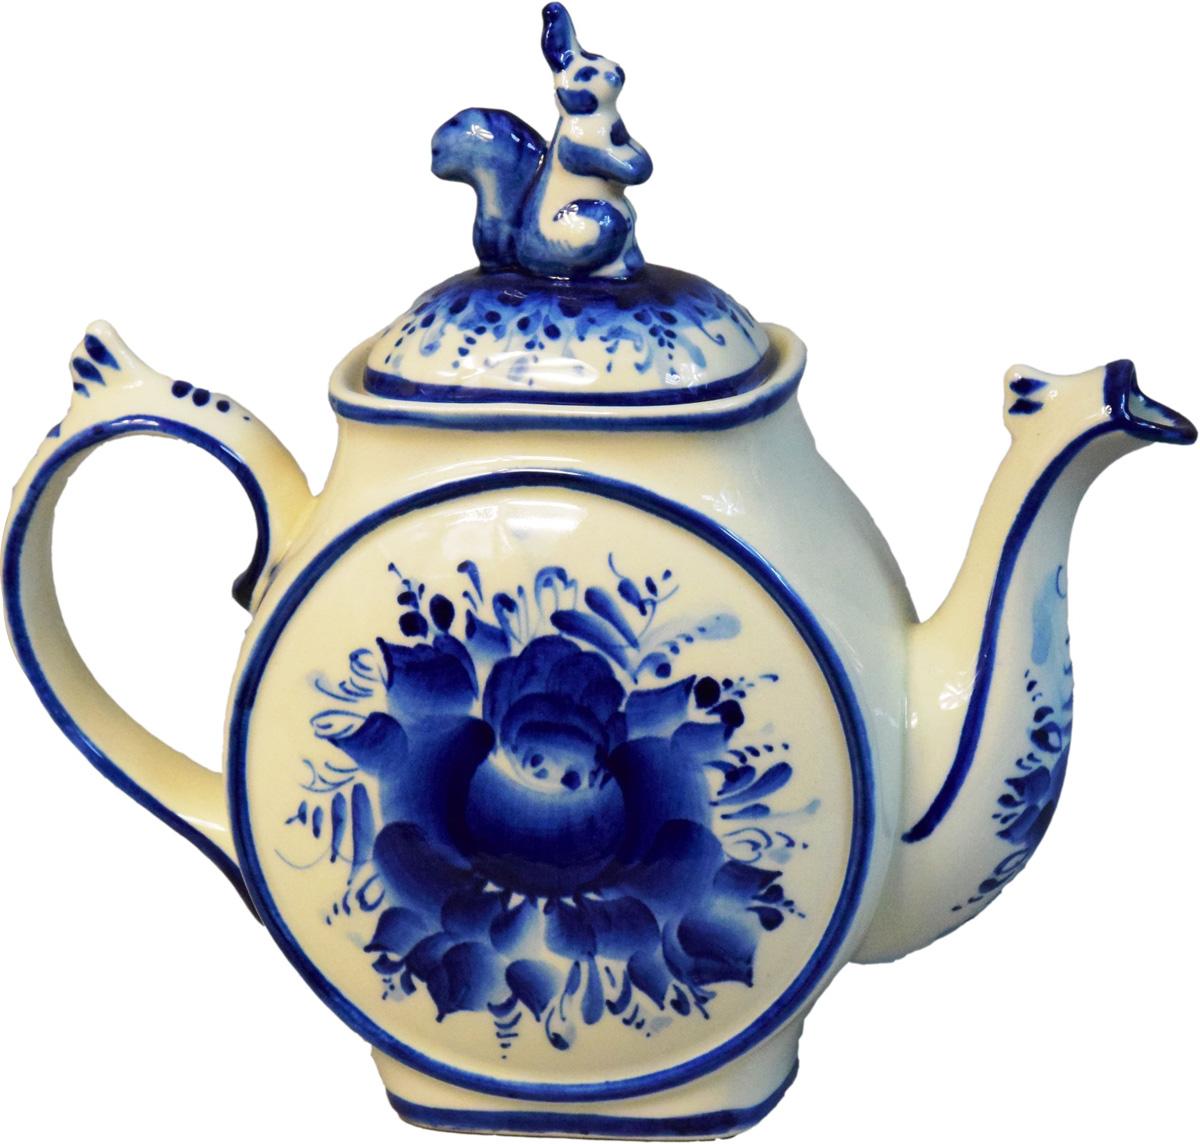 Авторская работа гжельского мастера станет центром вашего чаепития. Гжель - это красивый и функциональный подарок в русском стиле для мужчины или женщины на любой праздник. Тип росписи: Ручная подглазурная кобальтовая роспись. Рисунок на изделии может отличаться от изображения на фотографии.